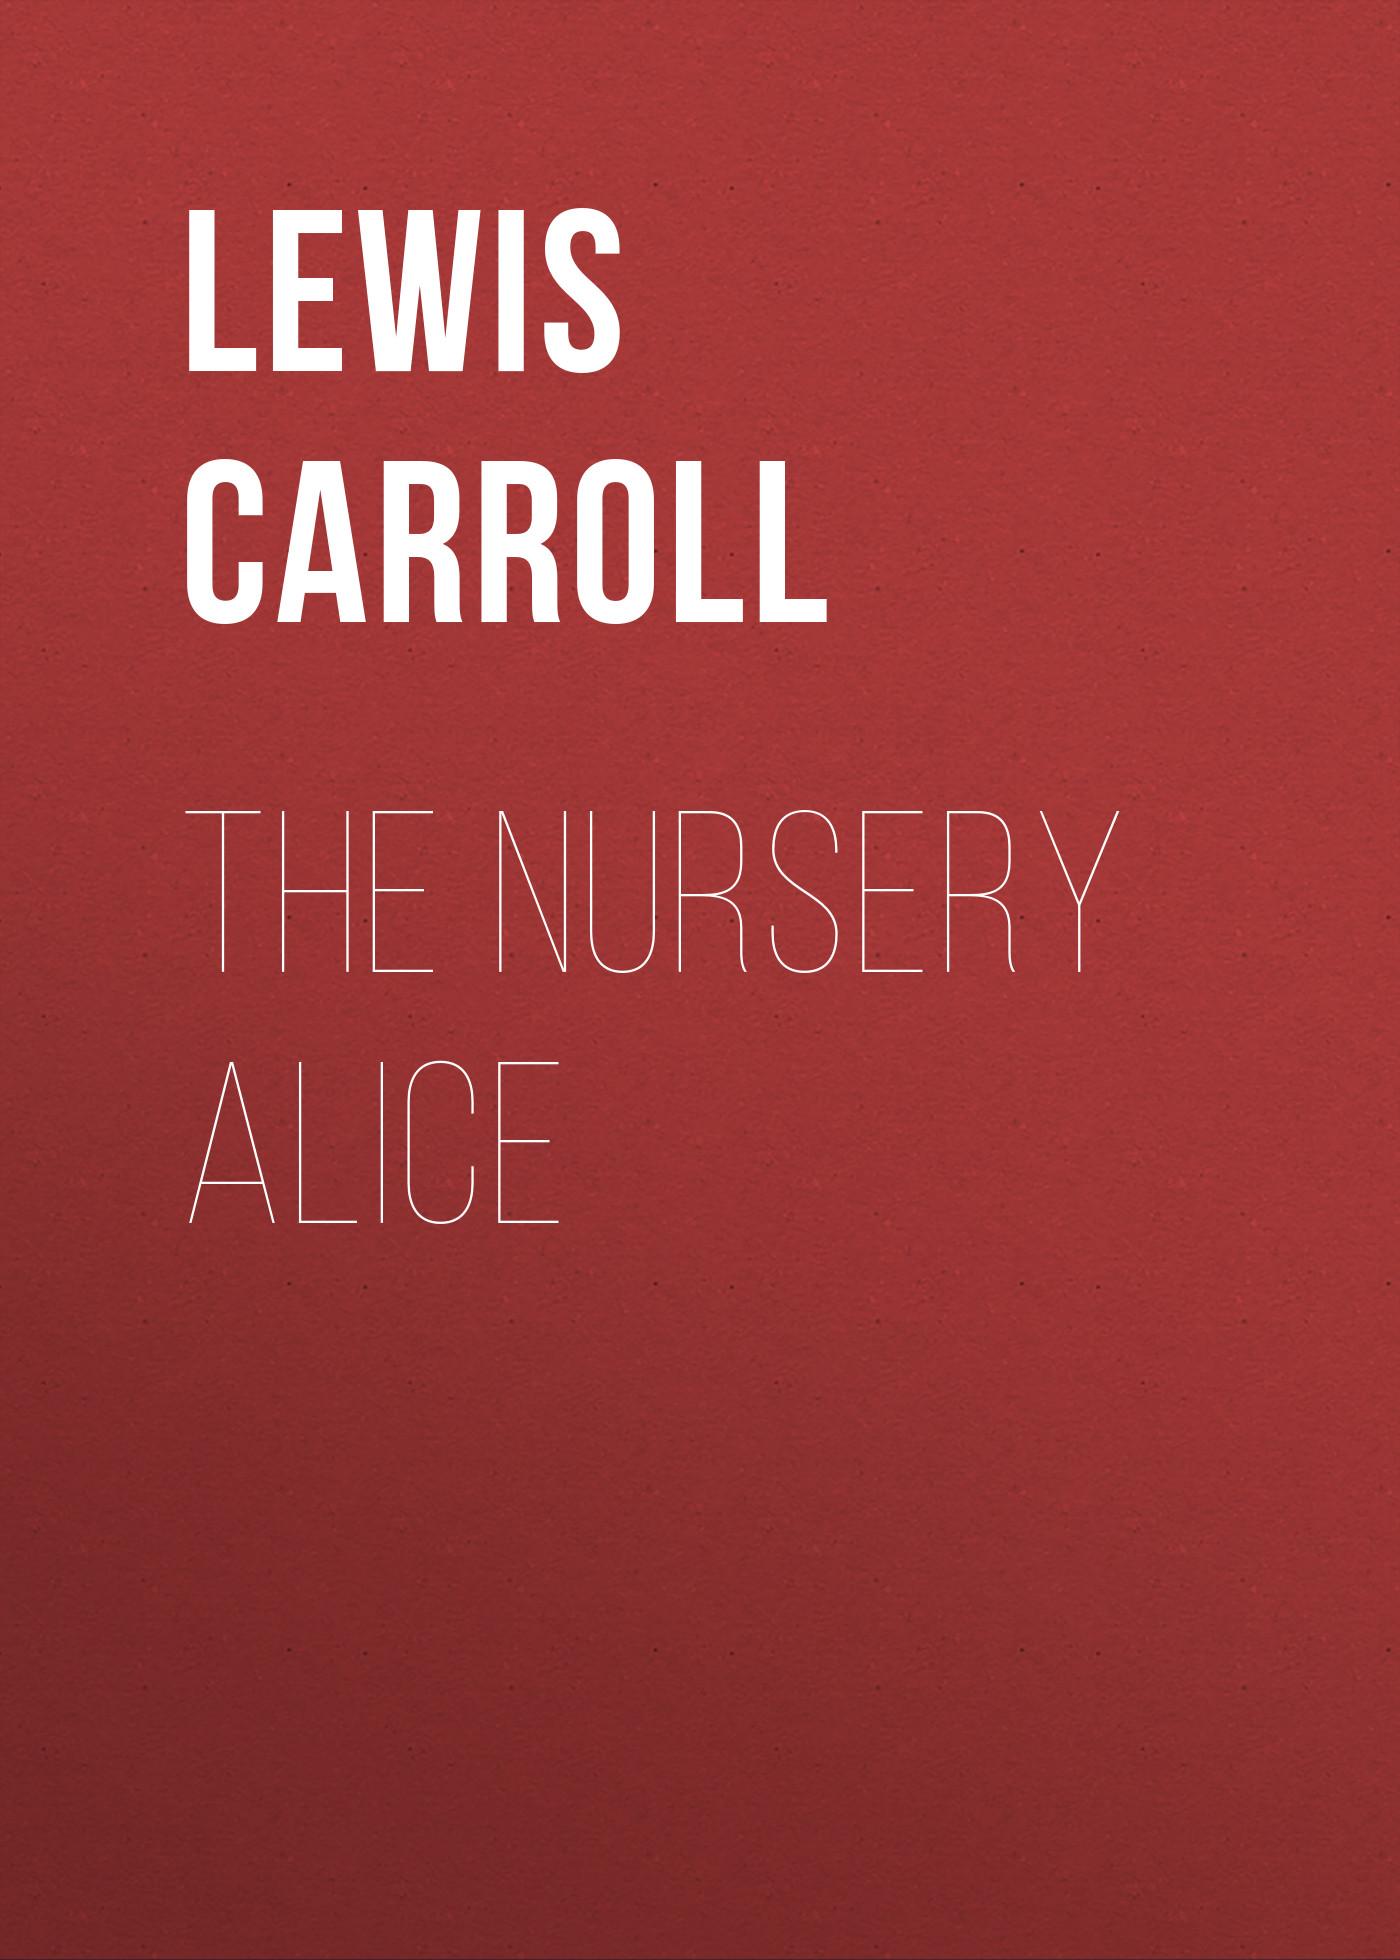 цена на Льюис Кэрролл The Nursery Alice